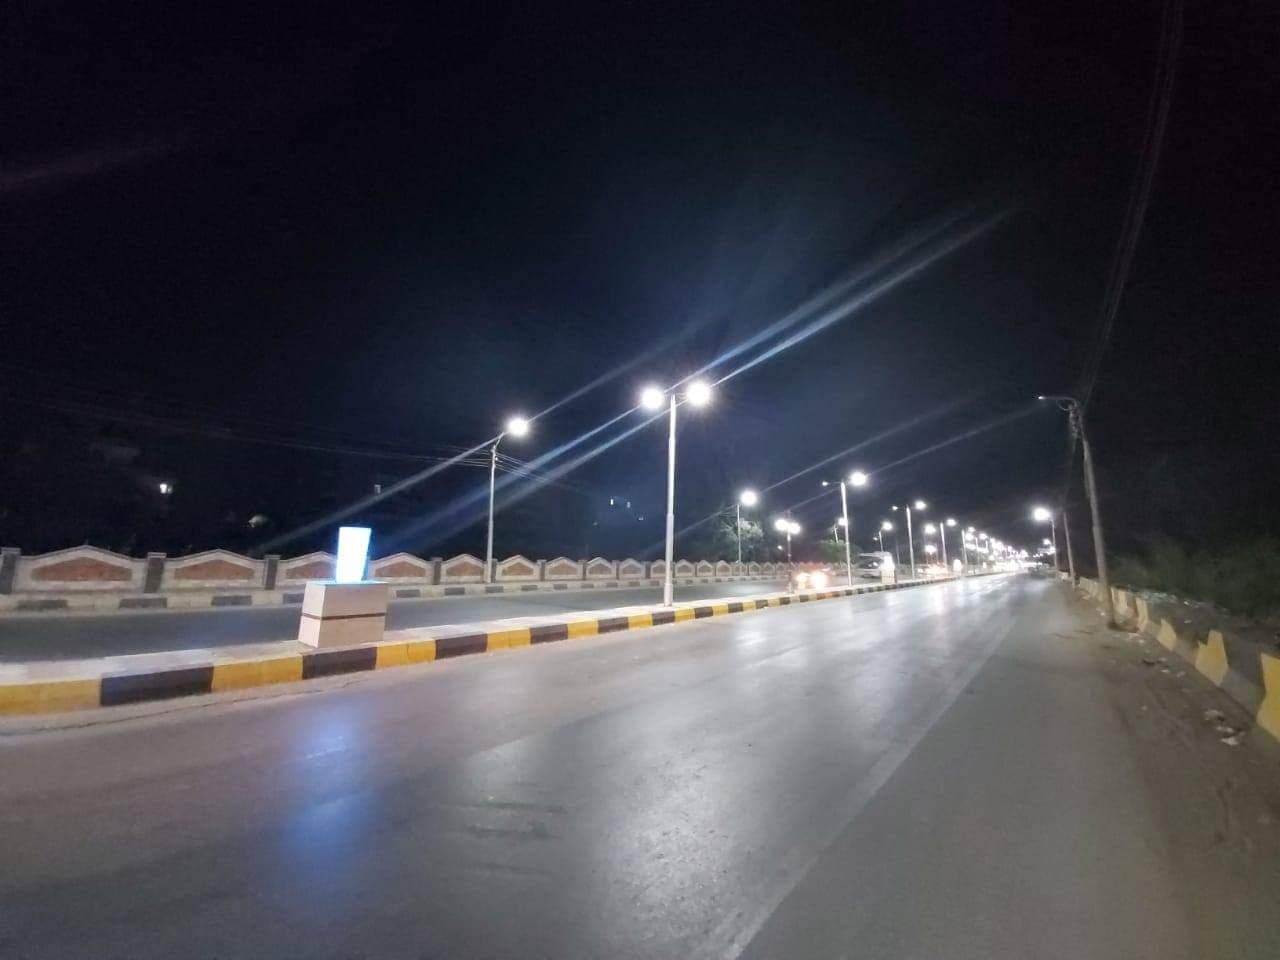 إنارة طريق السحارة بكشافات الليد ضمن مبادرة تطوير الشوارع (2)